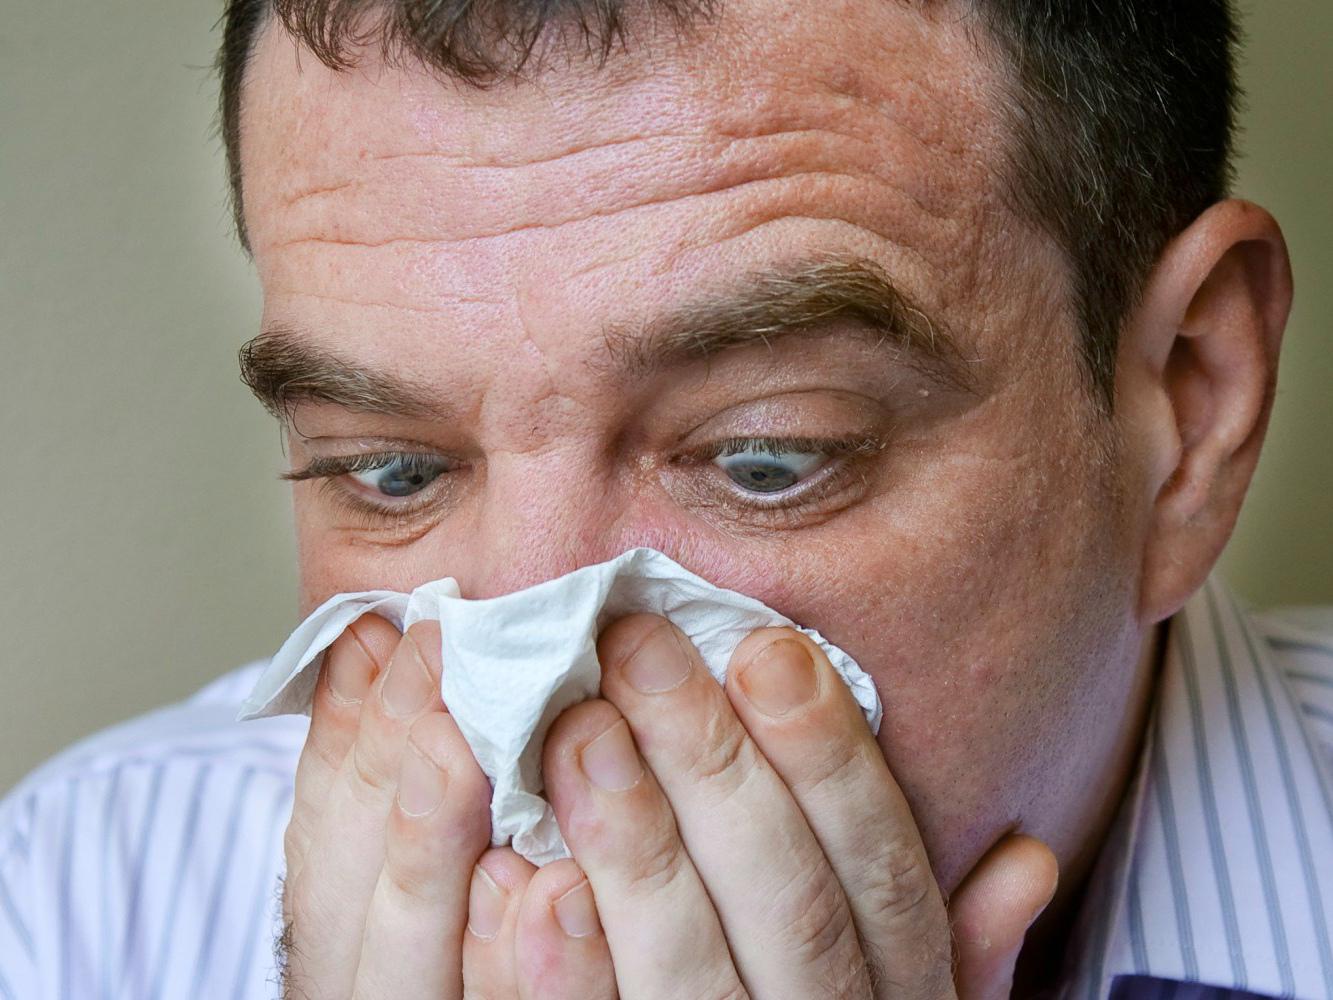 Симптом «ринорея»: что это такое? ринорея - что это такое, описание, симптомы и лечение. народные средства от ринореи